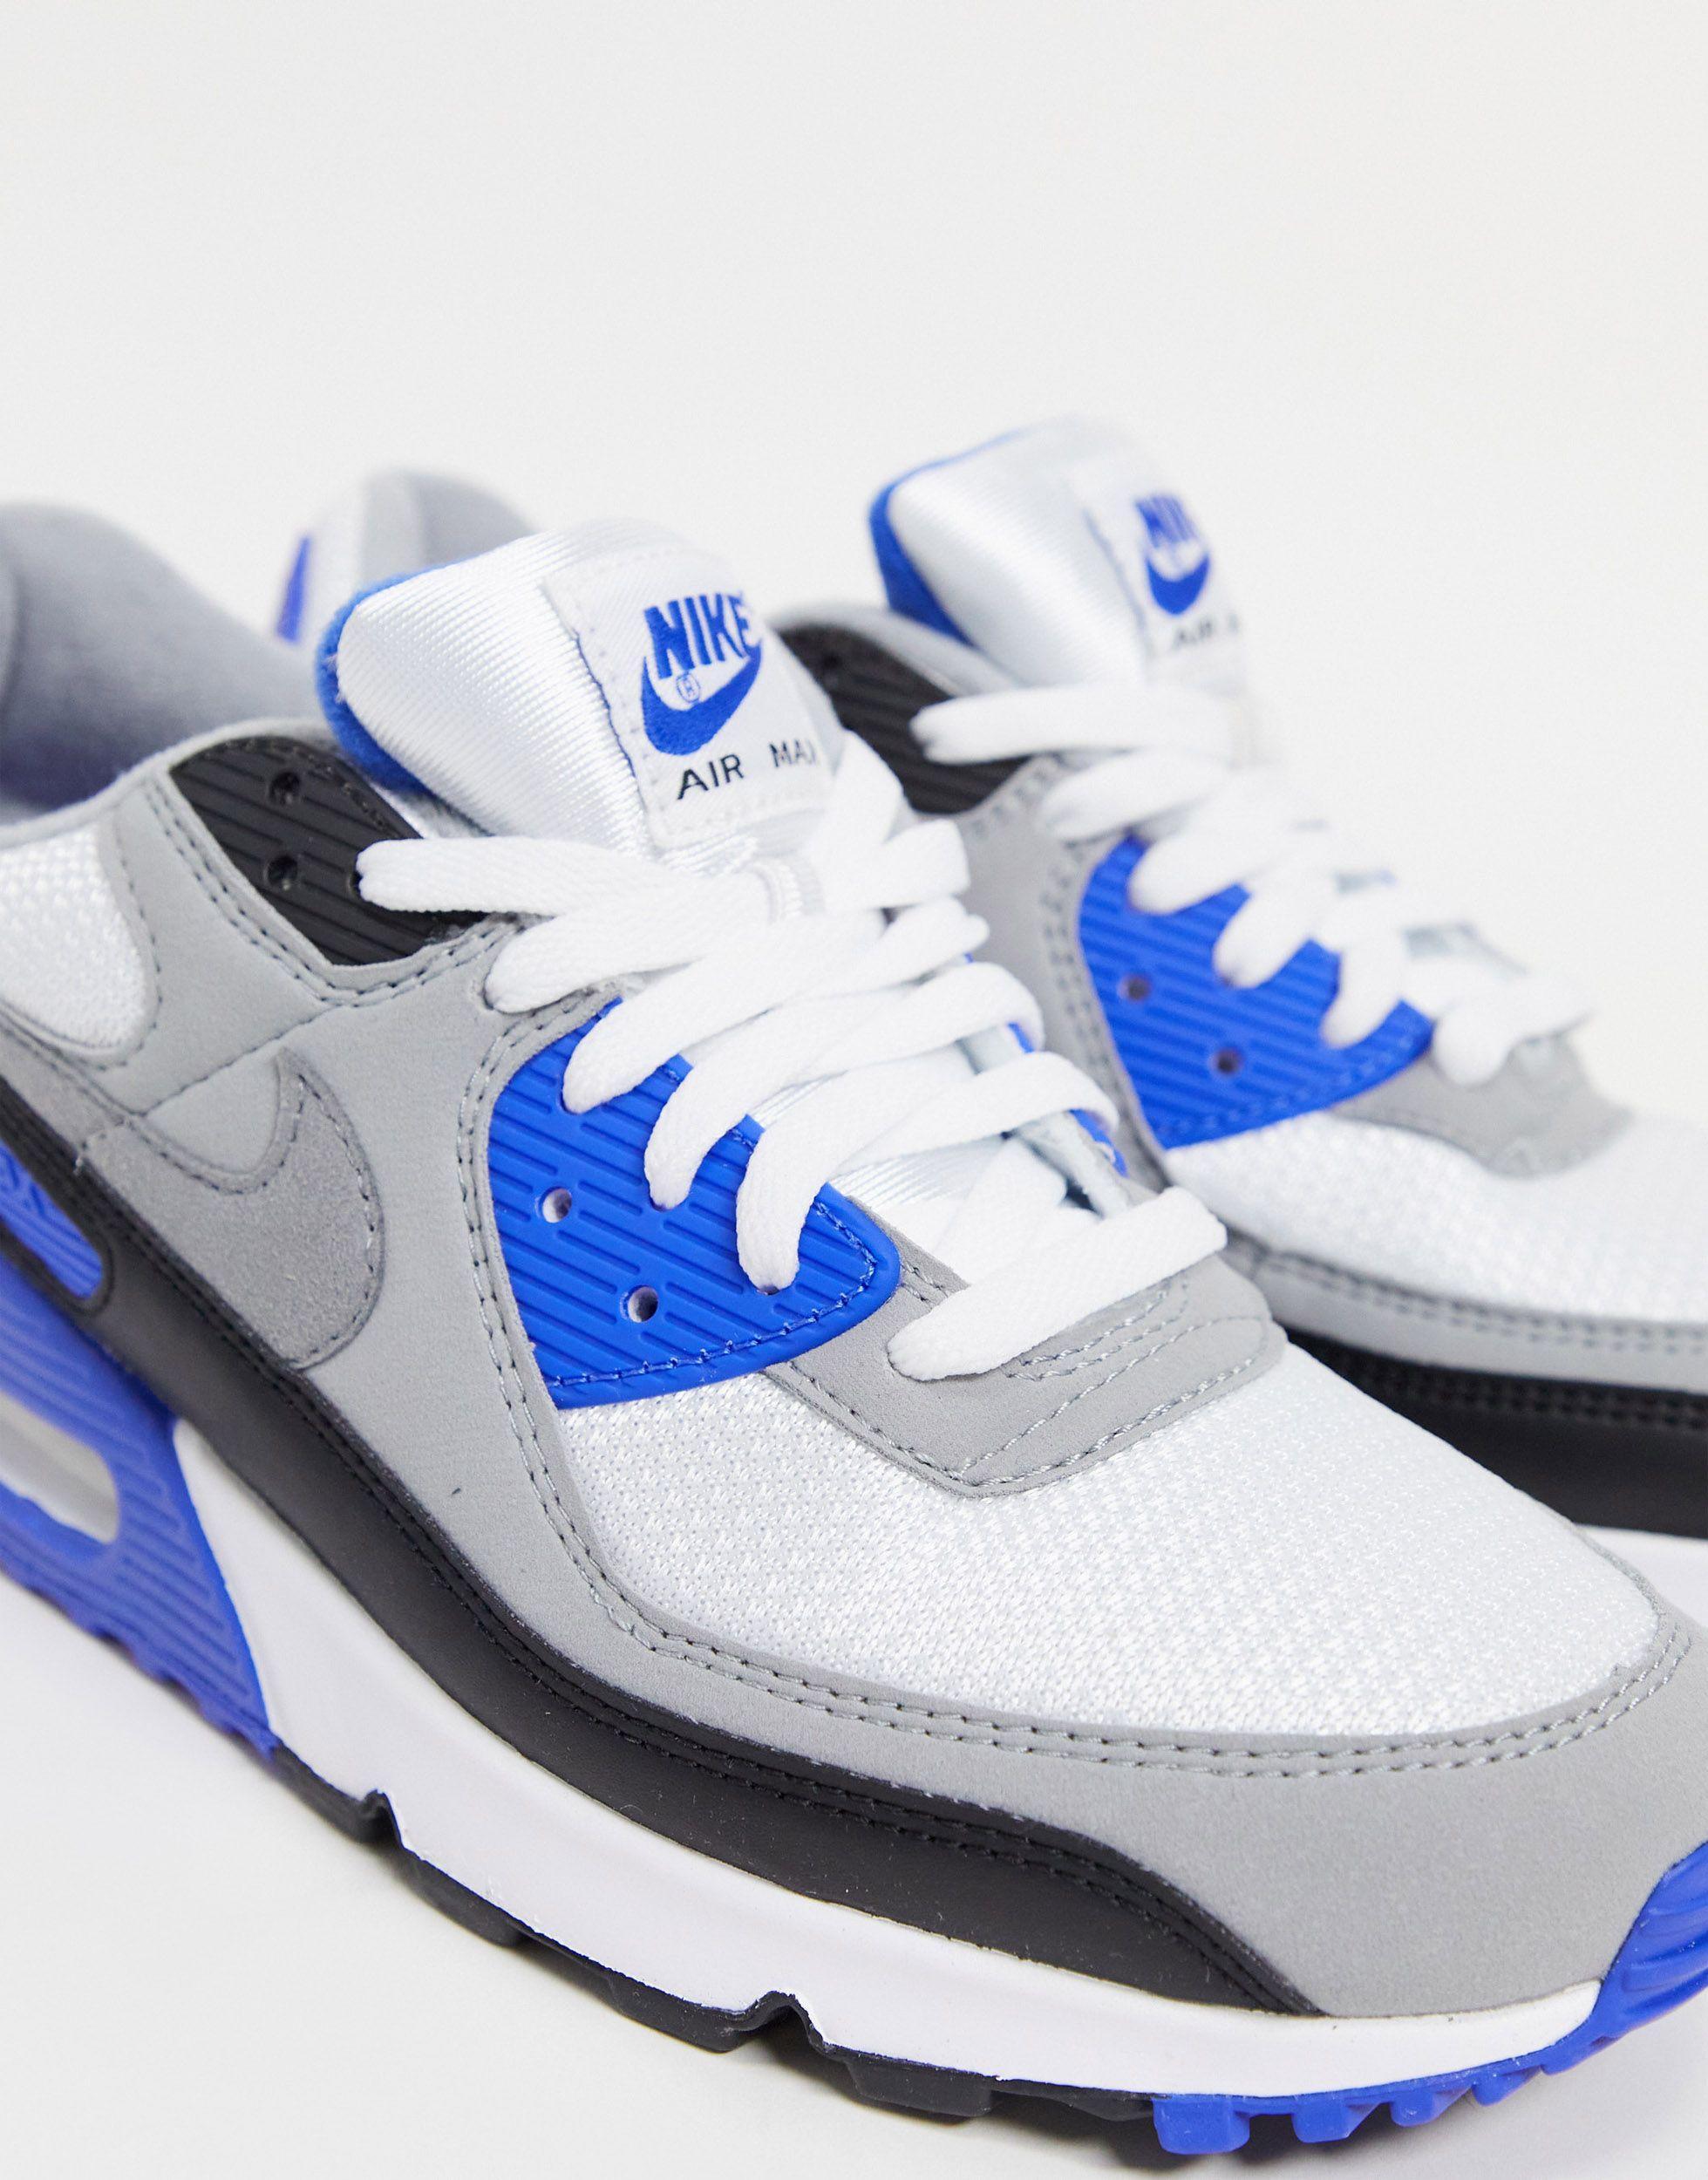 air max 90 blu bianche